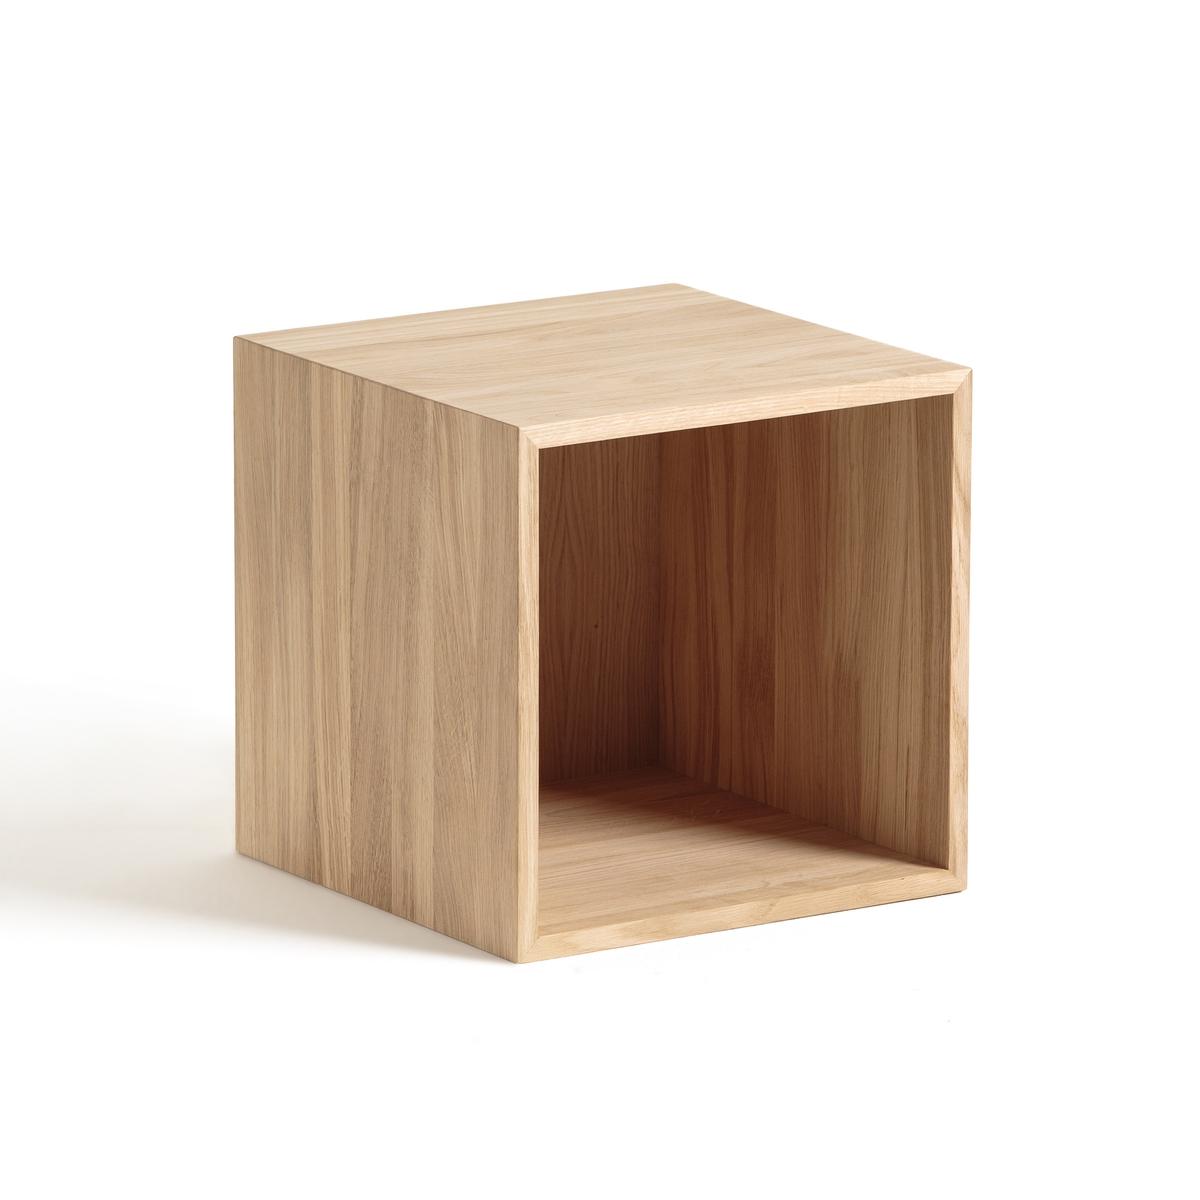 Тумба La Redoute Kouzou Ш см дизайн Э Галлины из дуба единый размер каштановый стул для сада ambros дизайн э галлины